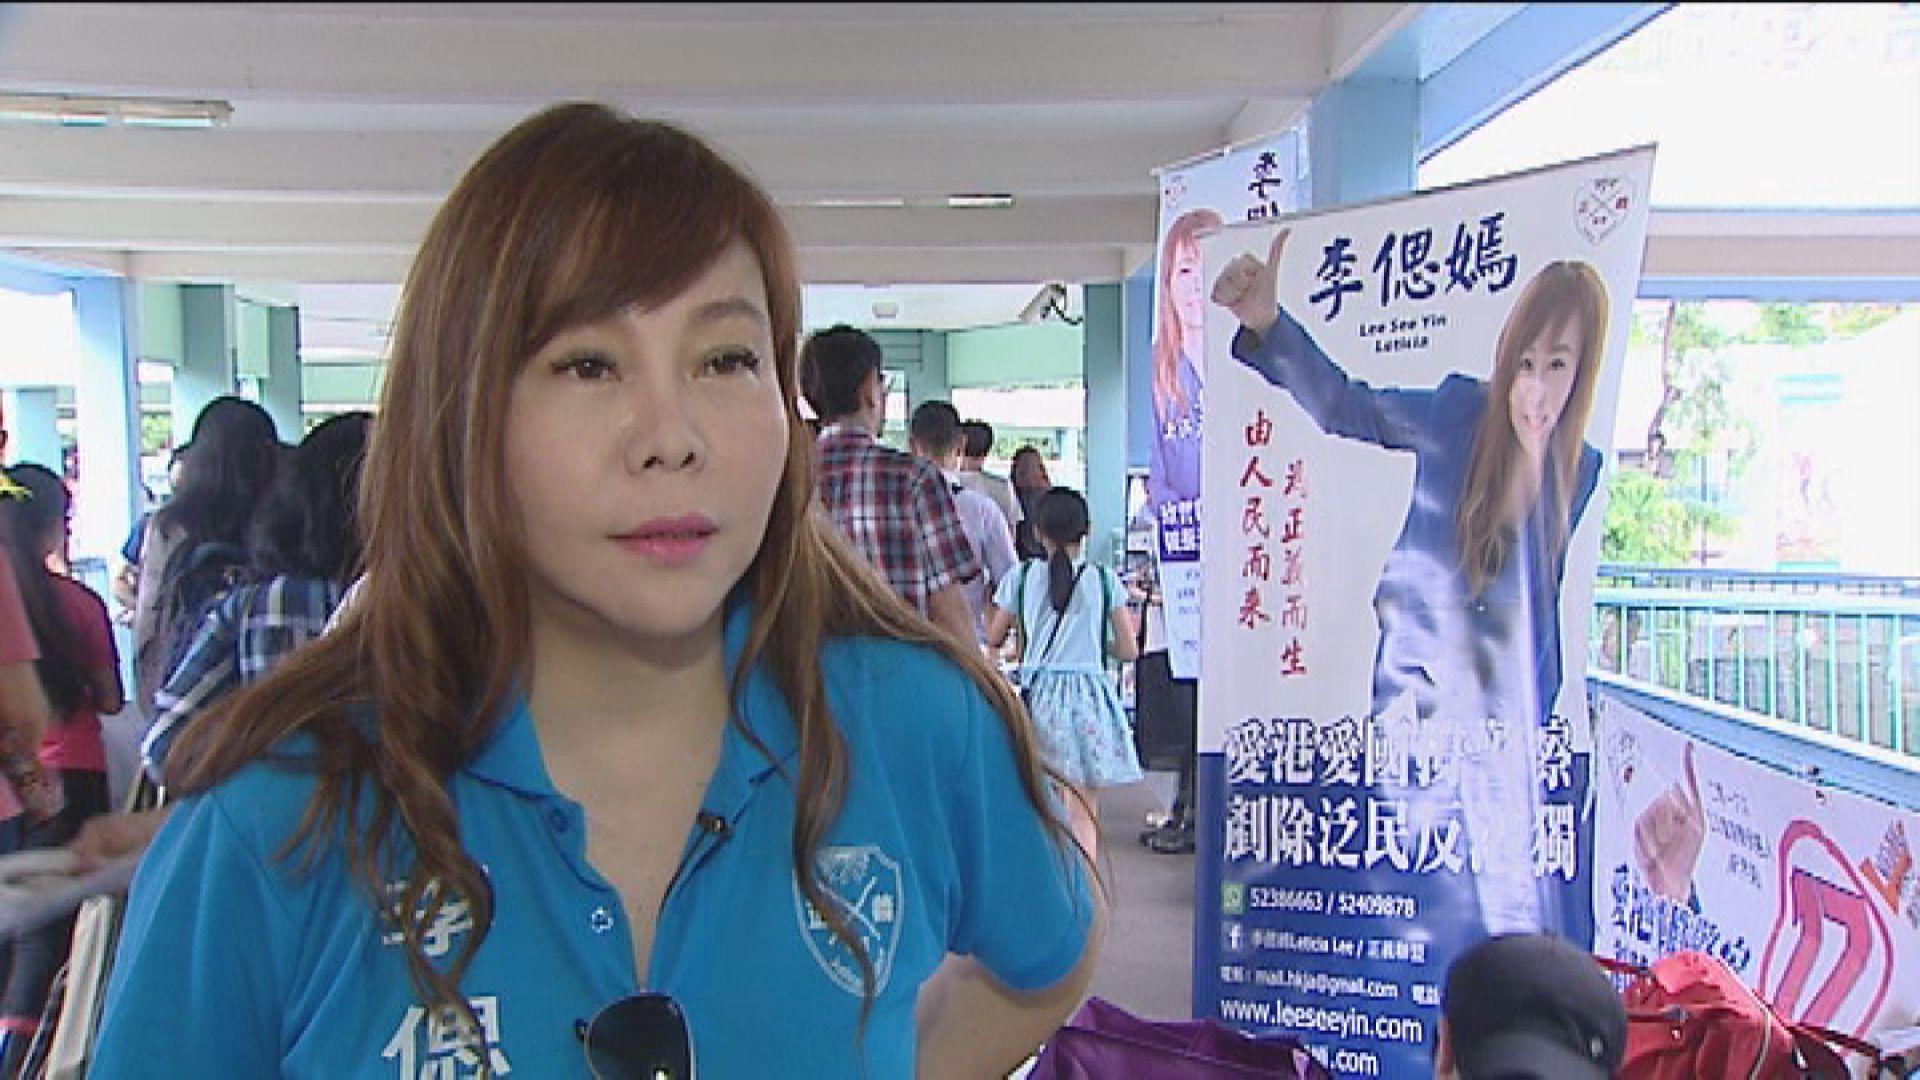 消息:李偲嫣下午離世 救護車送院搶救不治